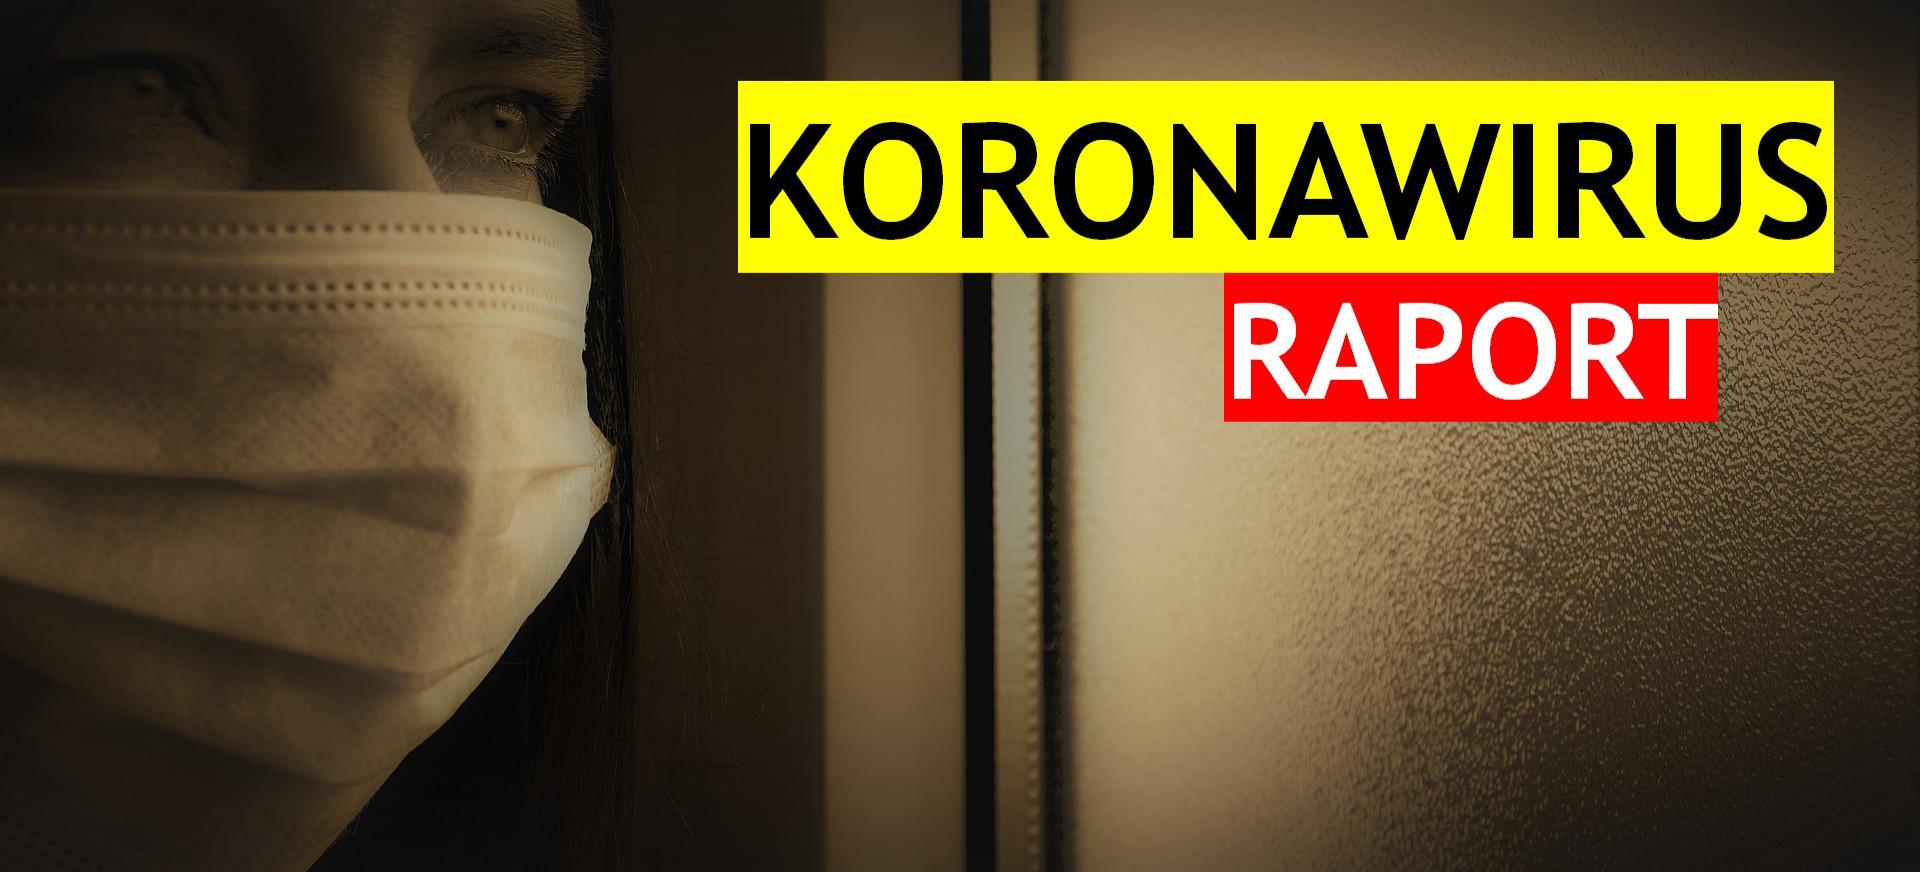 RAPORT: 141 nowych przypadków koronawirusa na Podkarpaciu